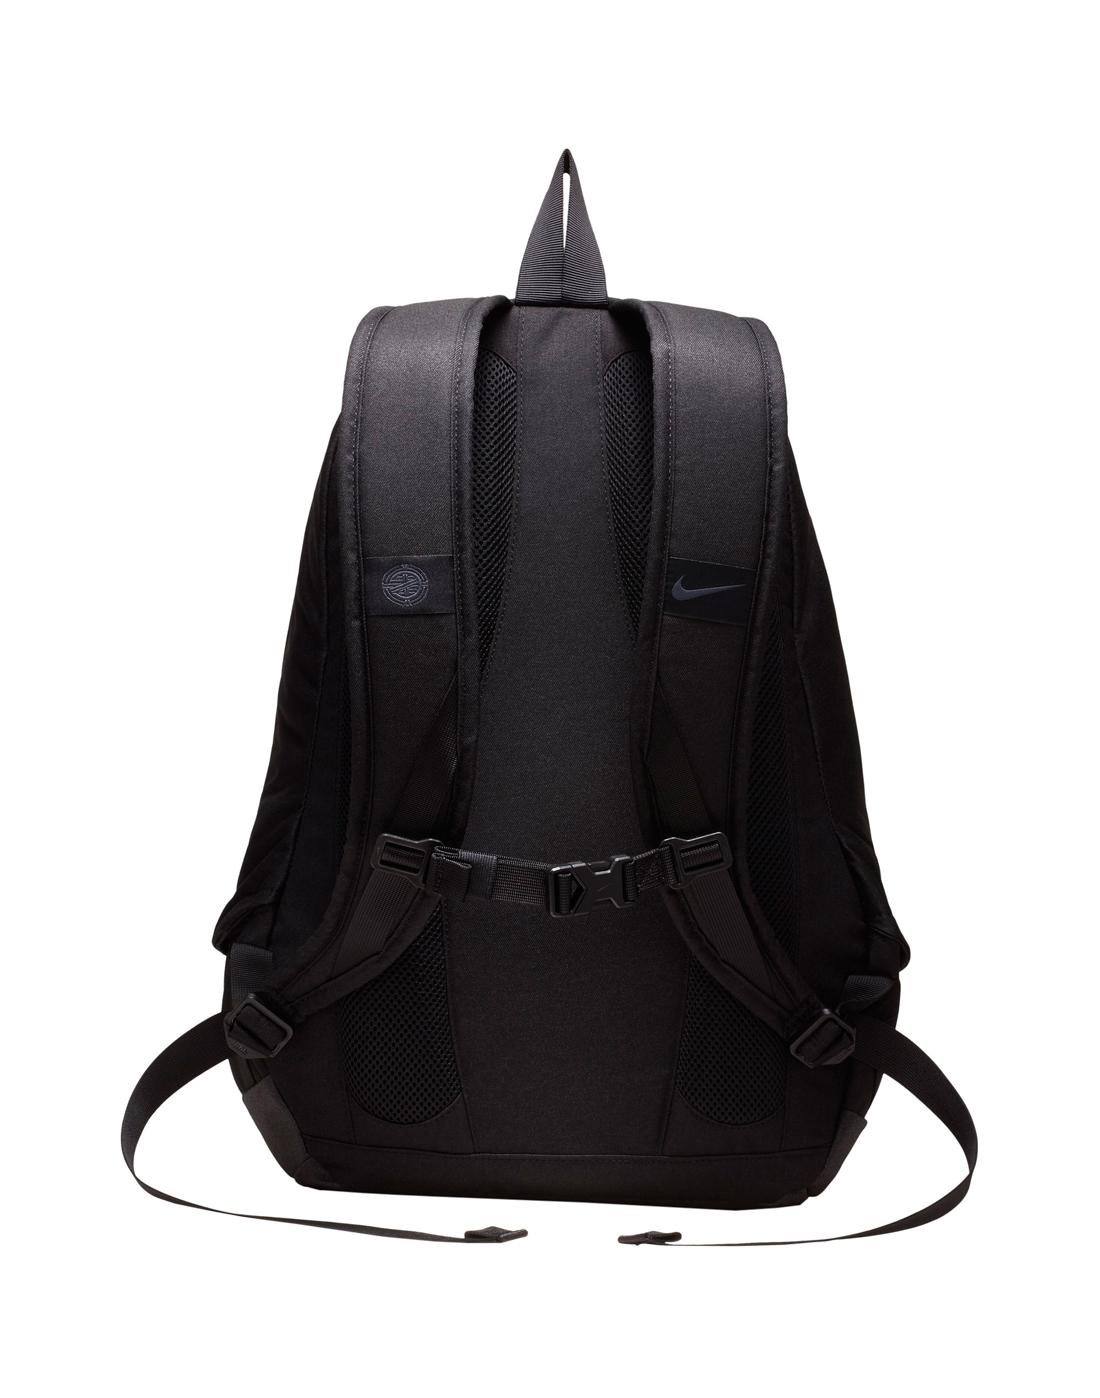 Nike. CR7 Backpack. CR7 Backpack · CR7 Backpack · CR7 Backpack d32df2f67053d